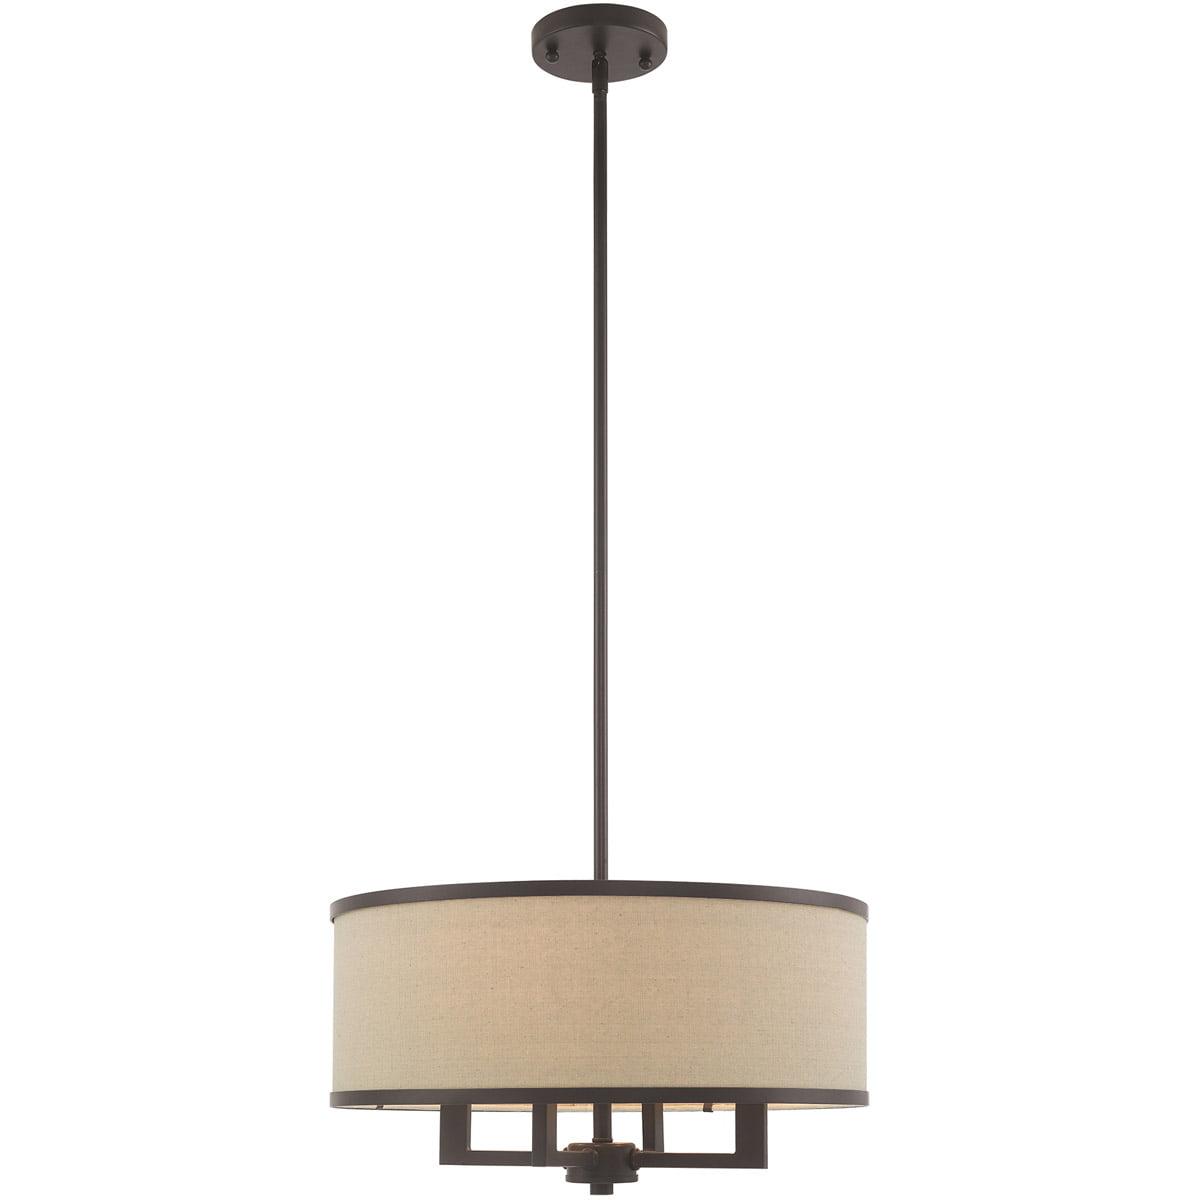 Chandeliers 4 light fixtures with bronze finish steel material candelabra 18 240 watts